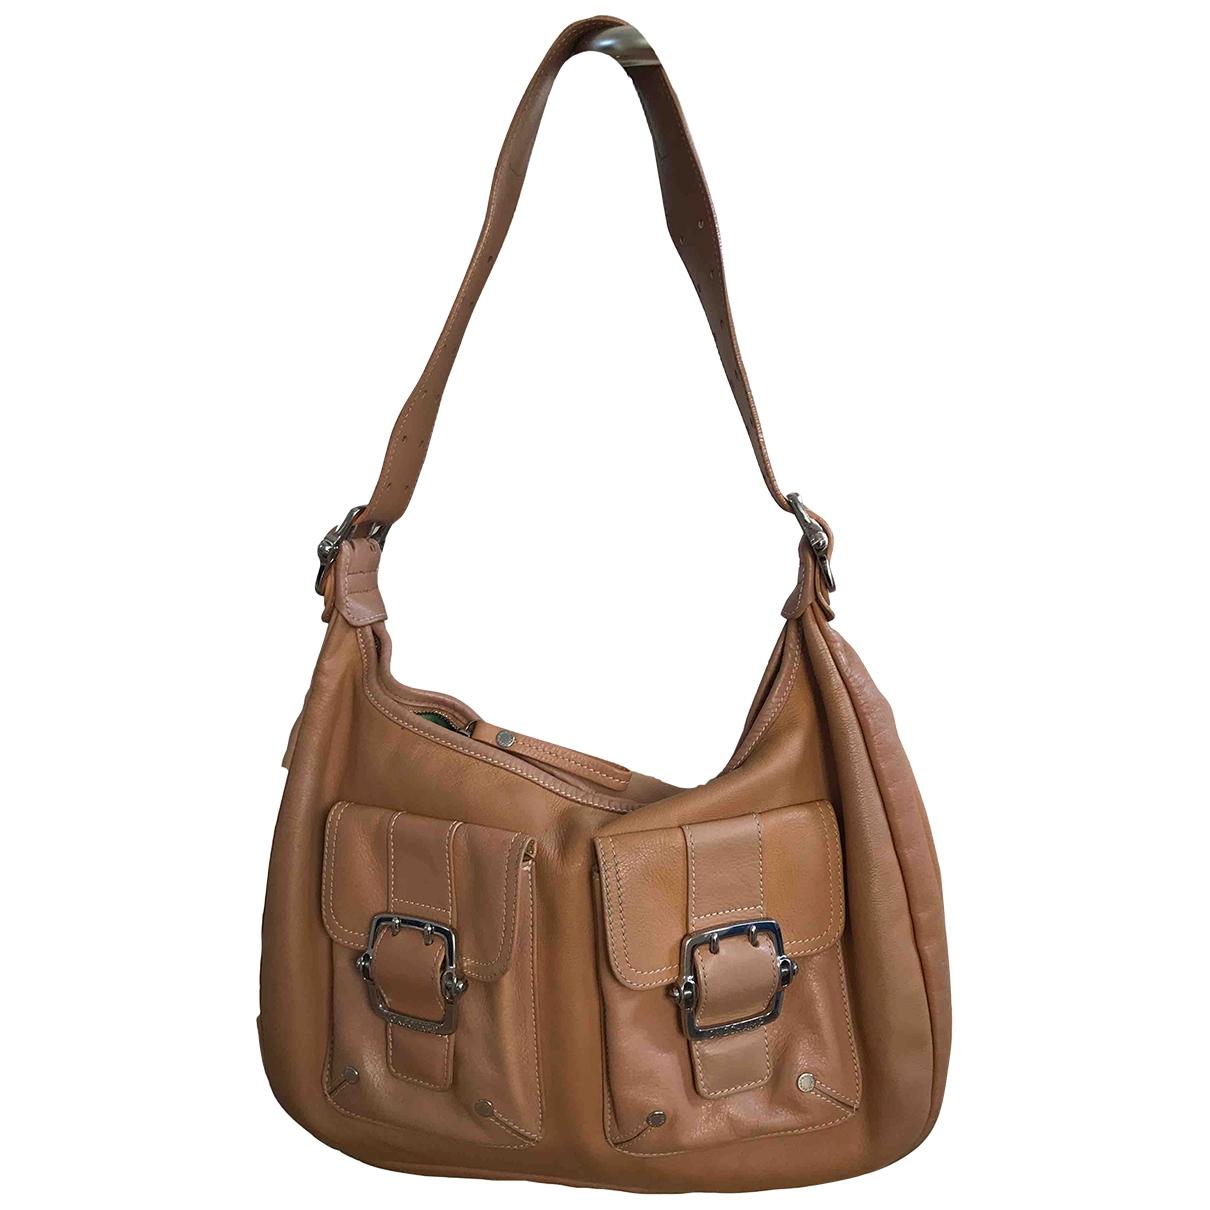 Longchamp \N Handtasche in  Kamel Leder